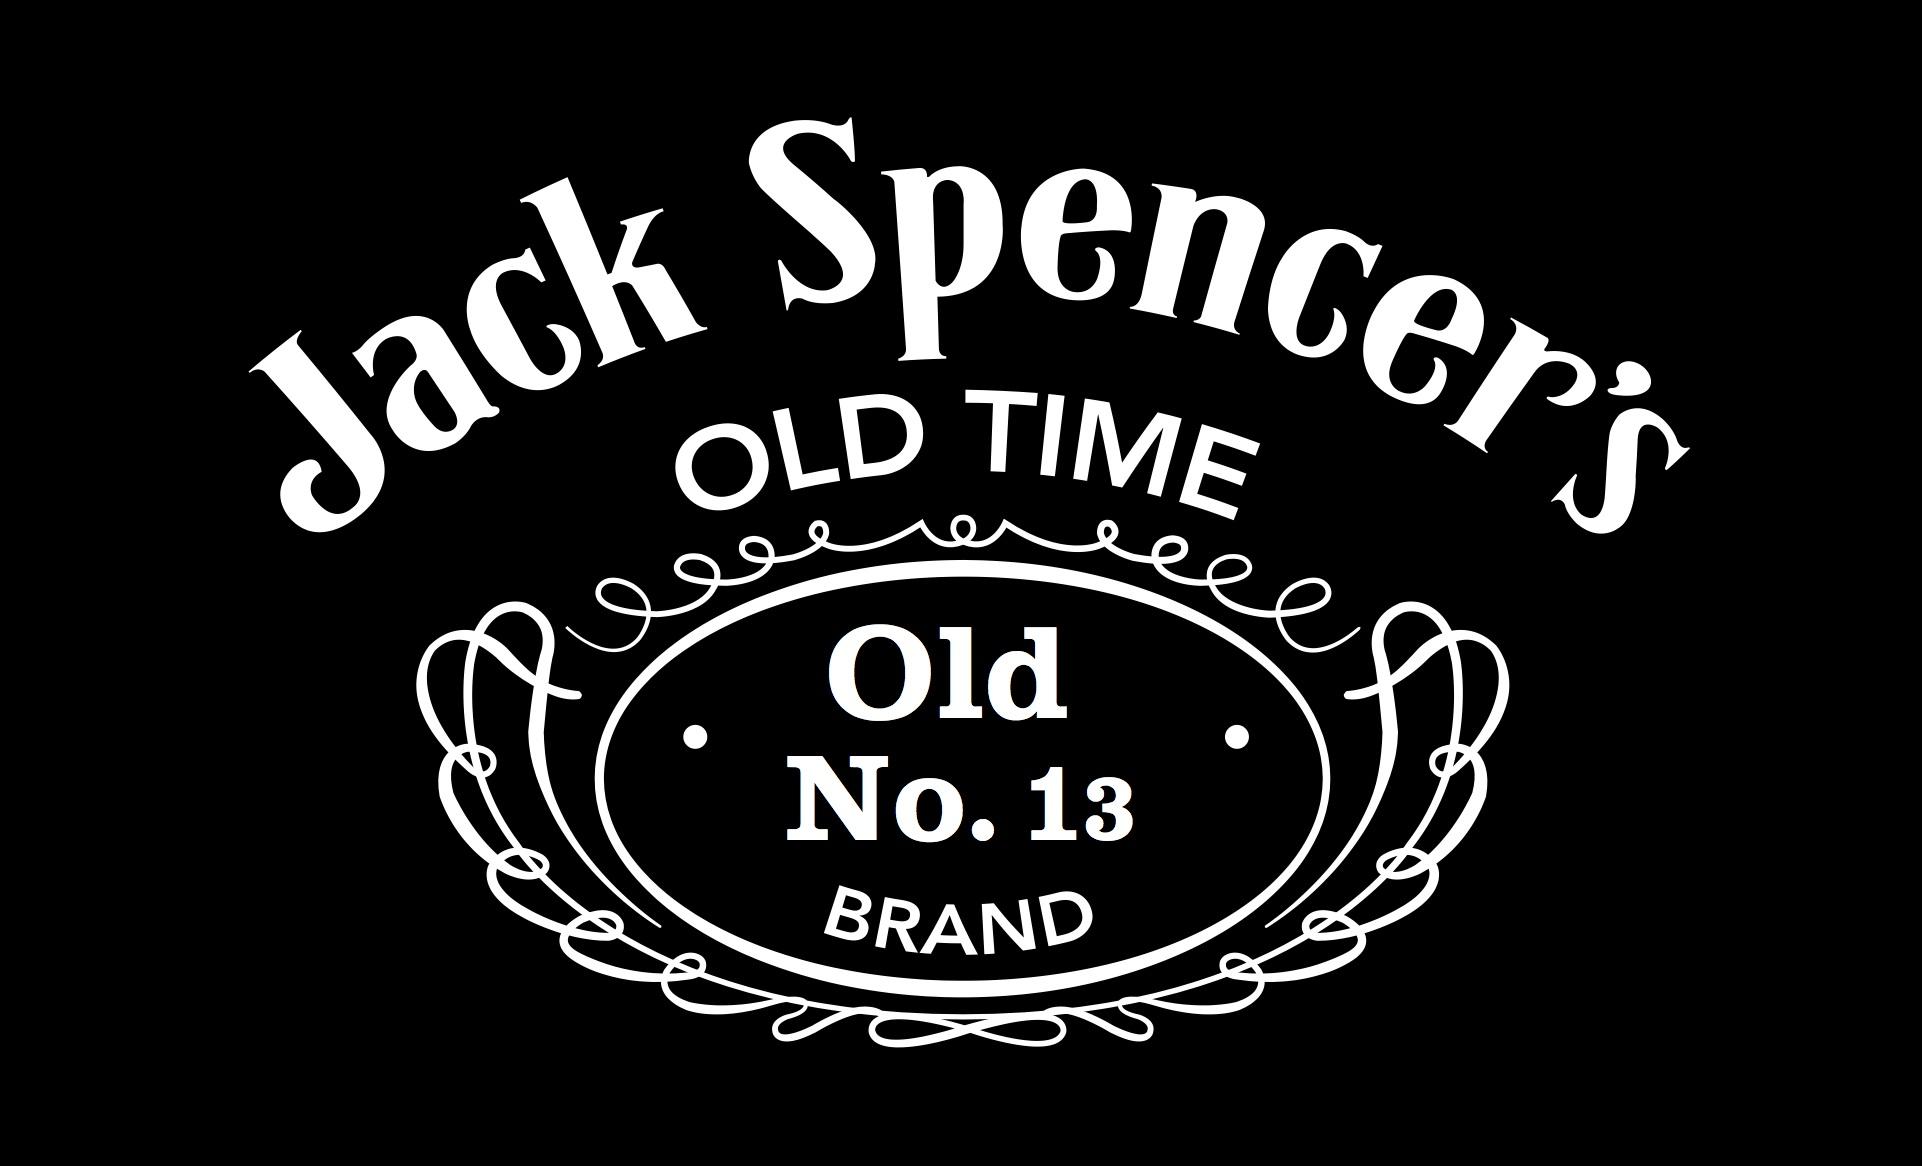 Jack Spencer 1